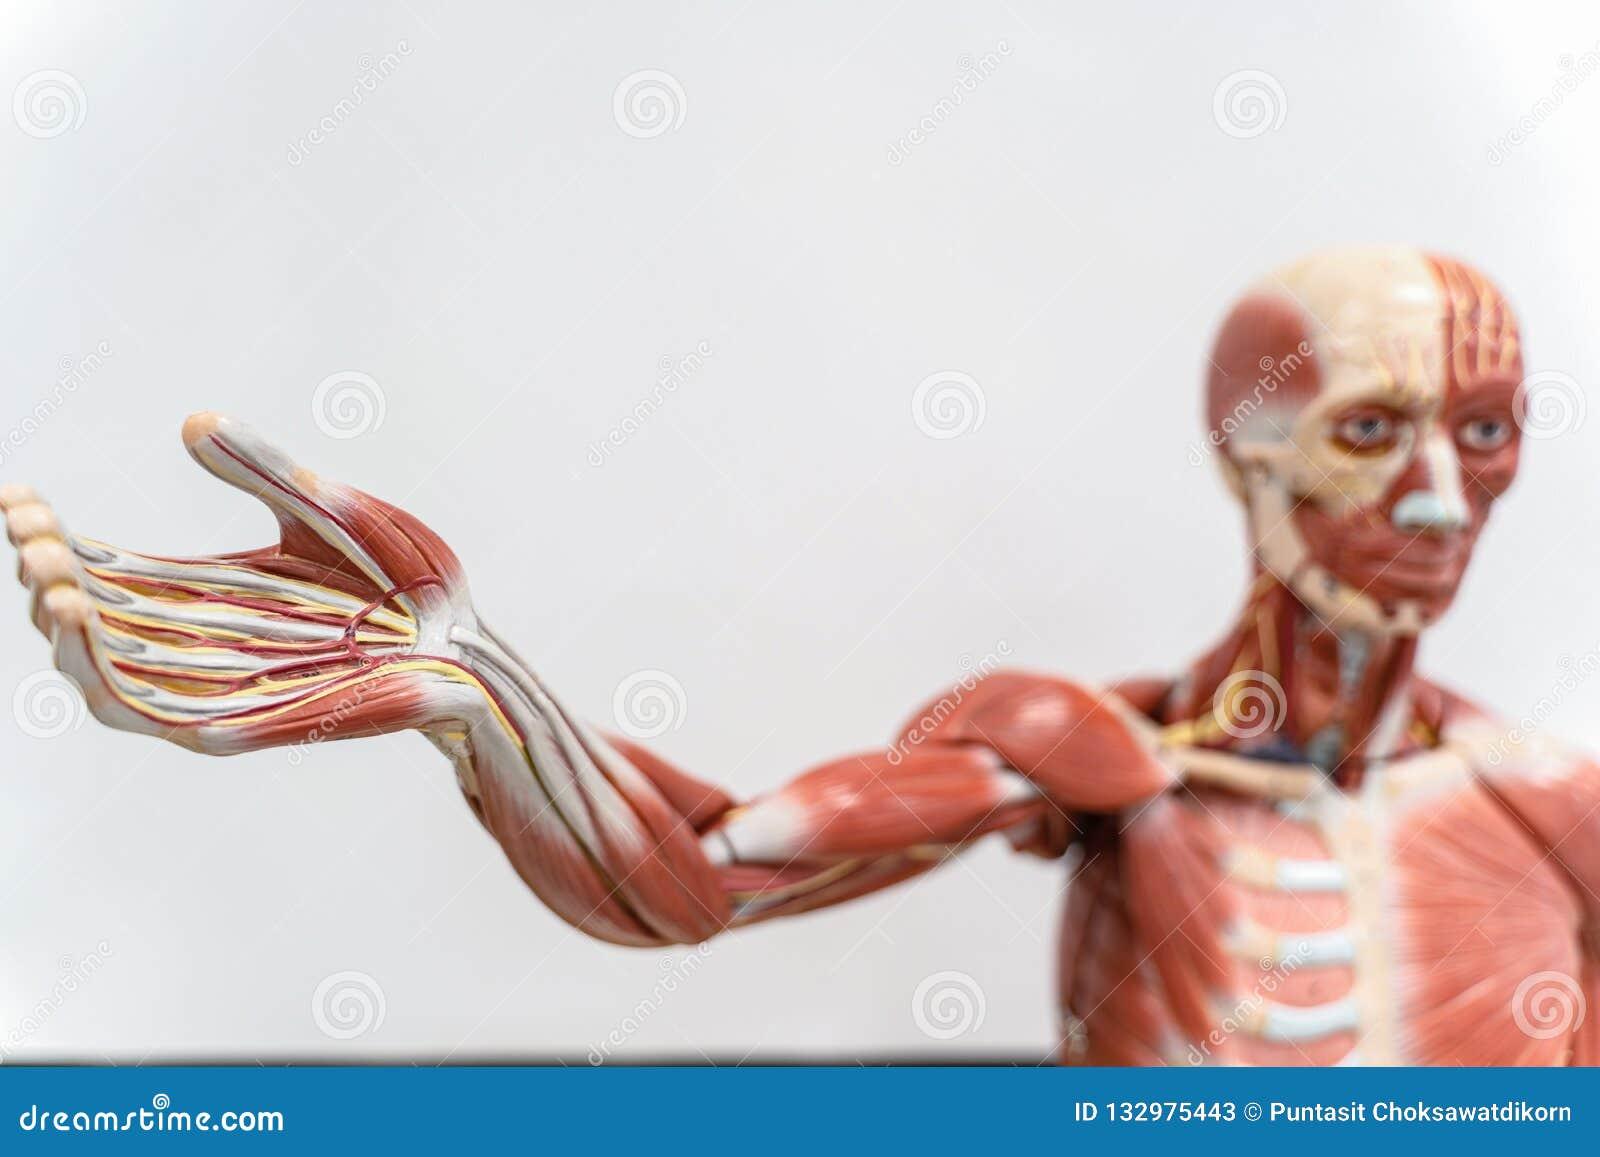 Menschliches Anatomie- und Physiologiemodell im Labor